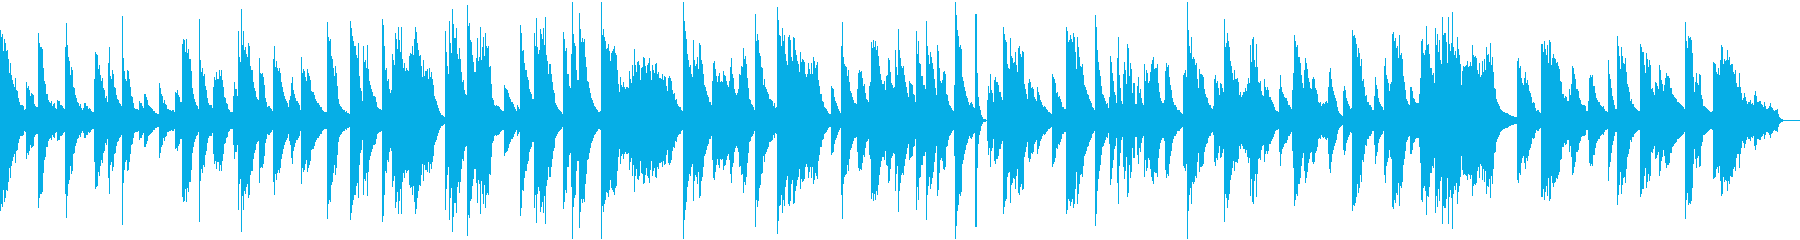 ジャズクラブ風のブルージーなピアノソロの再生済みの波形